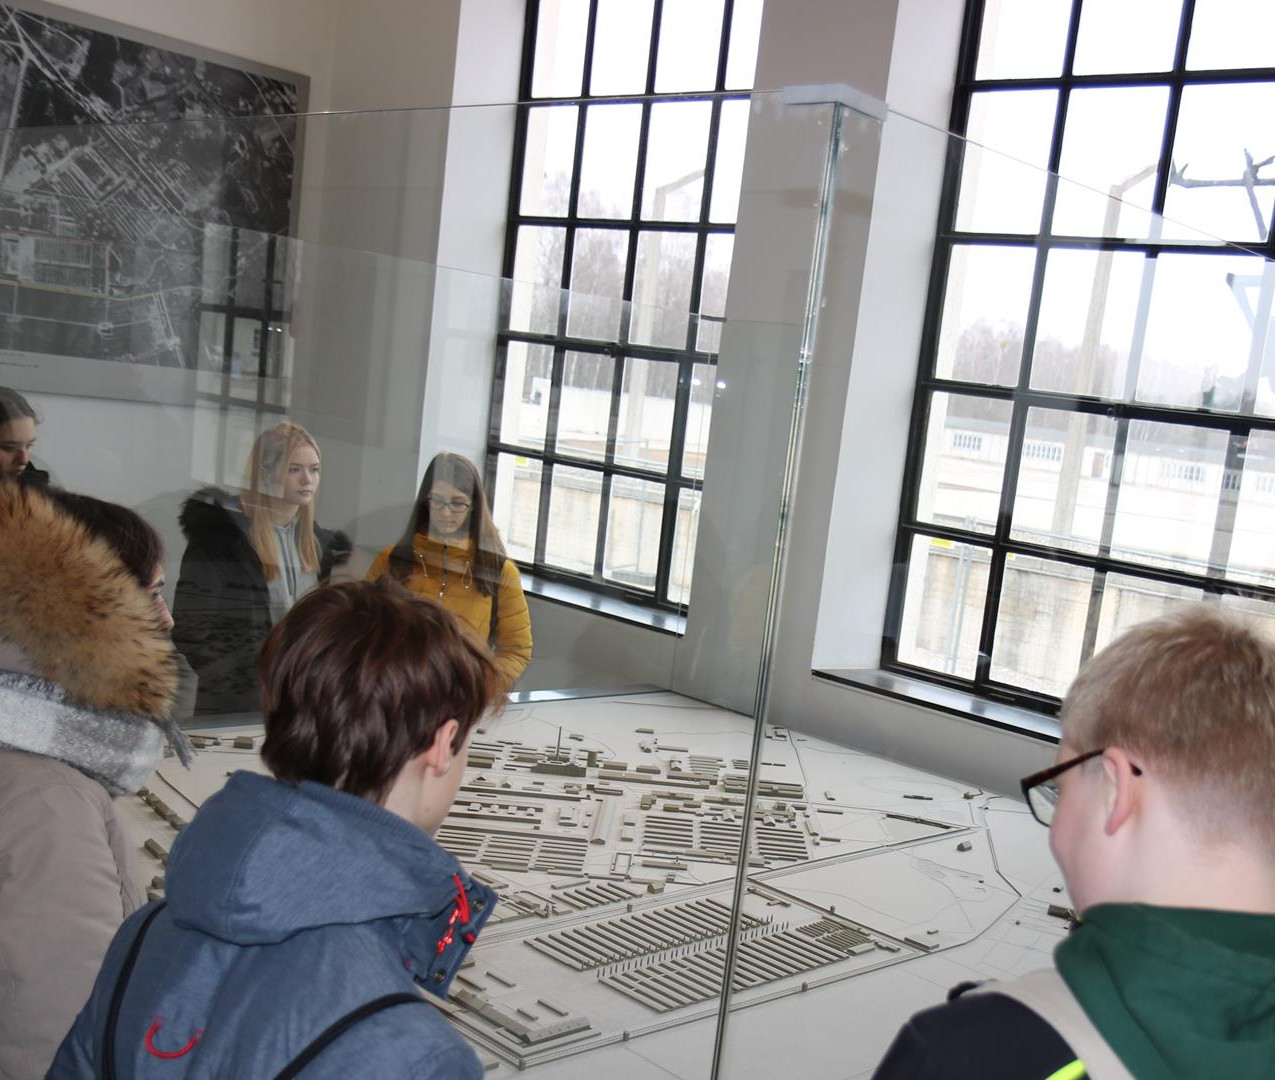 Dachau_2 (Copy)